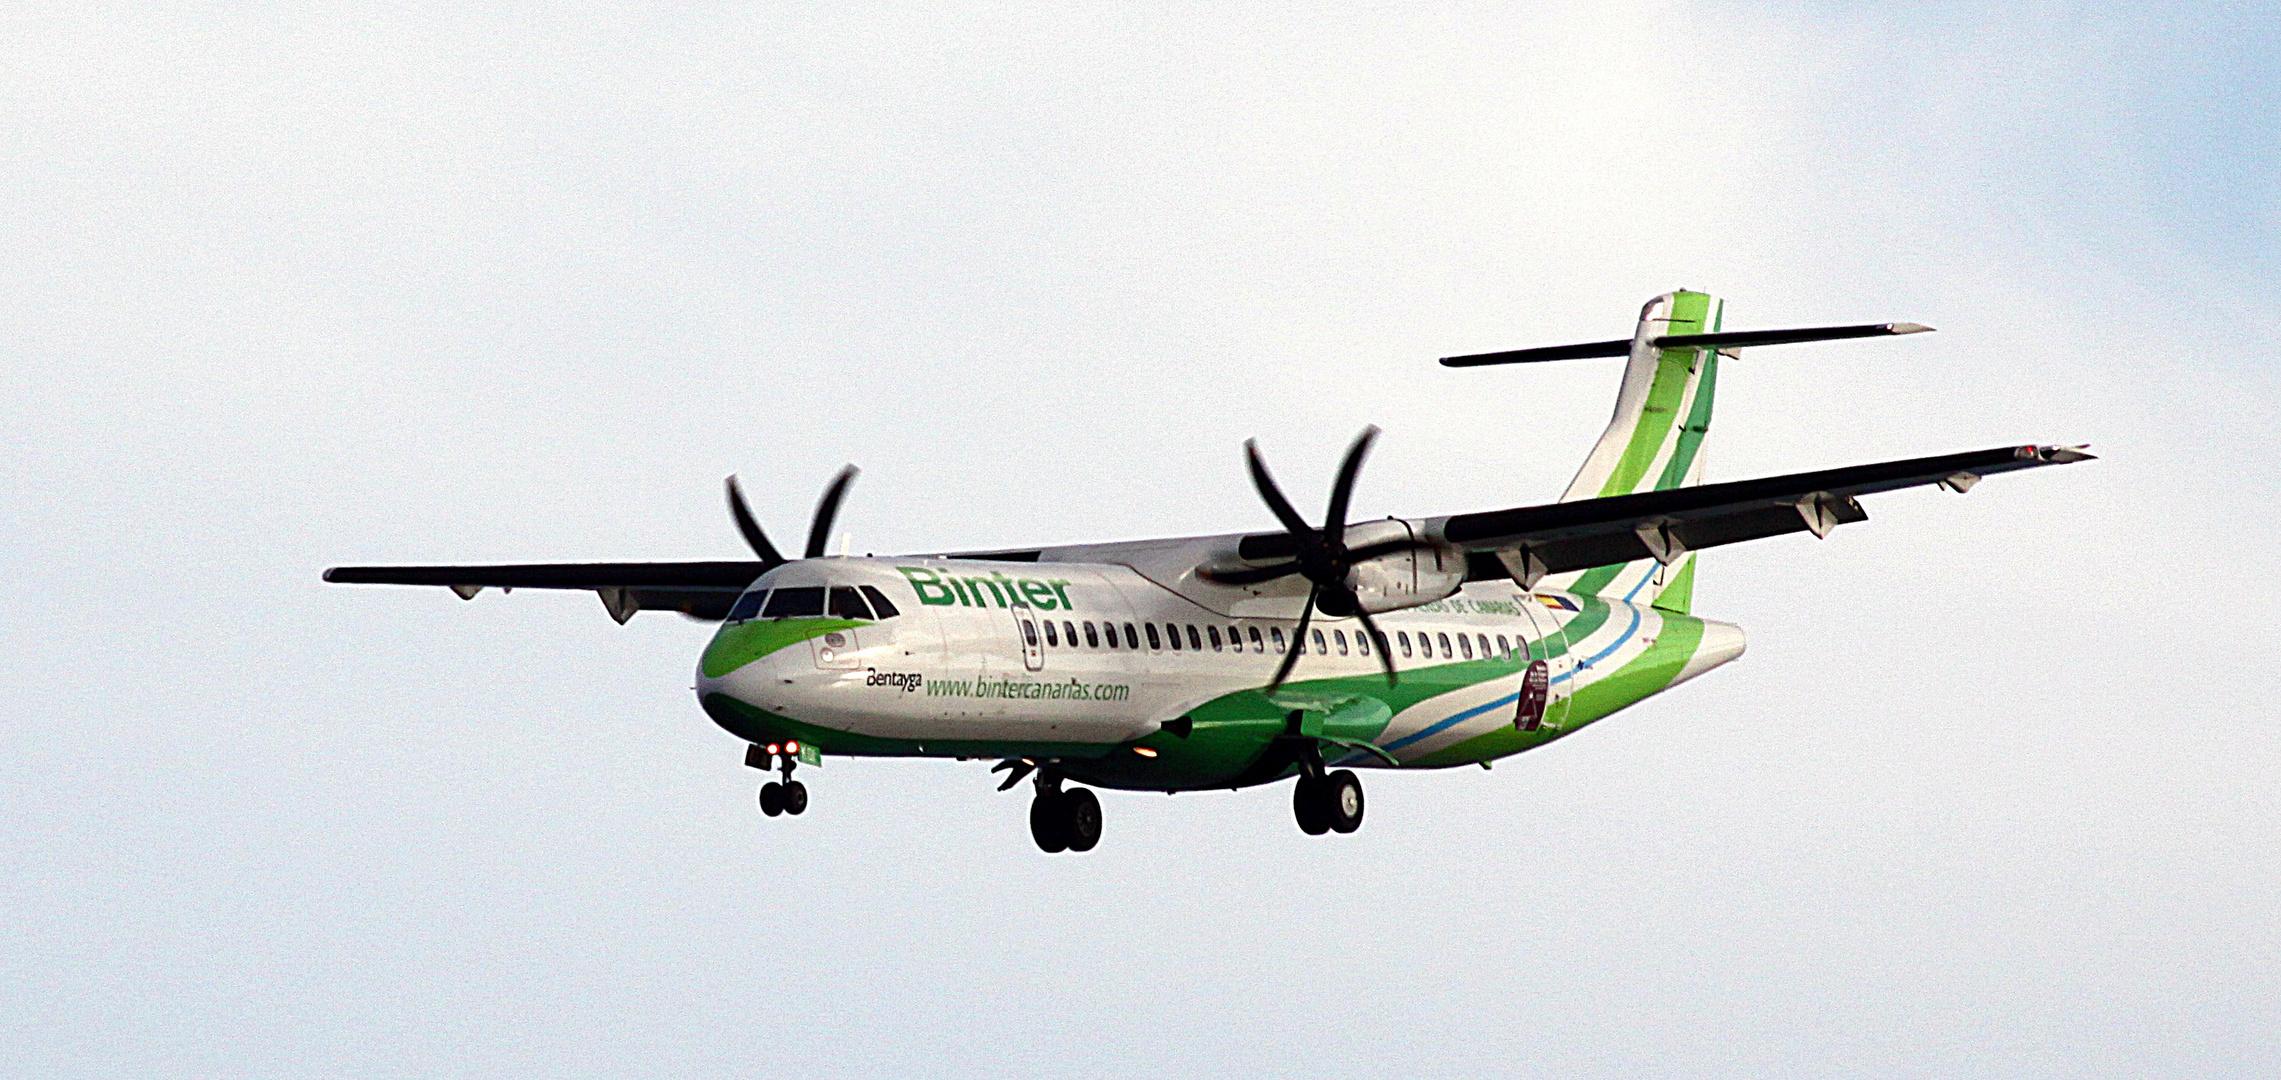 Binter ATR72-500 von Naysa ..